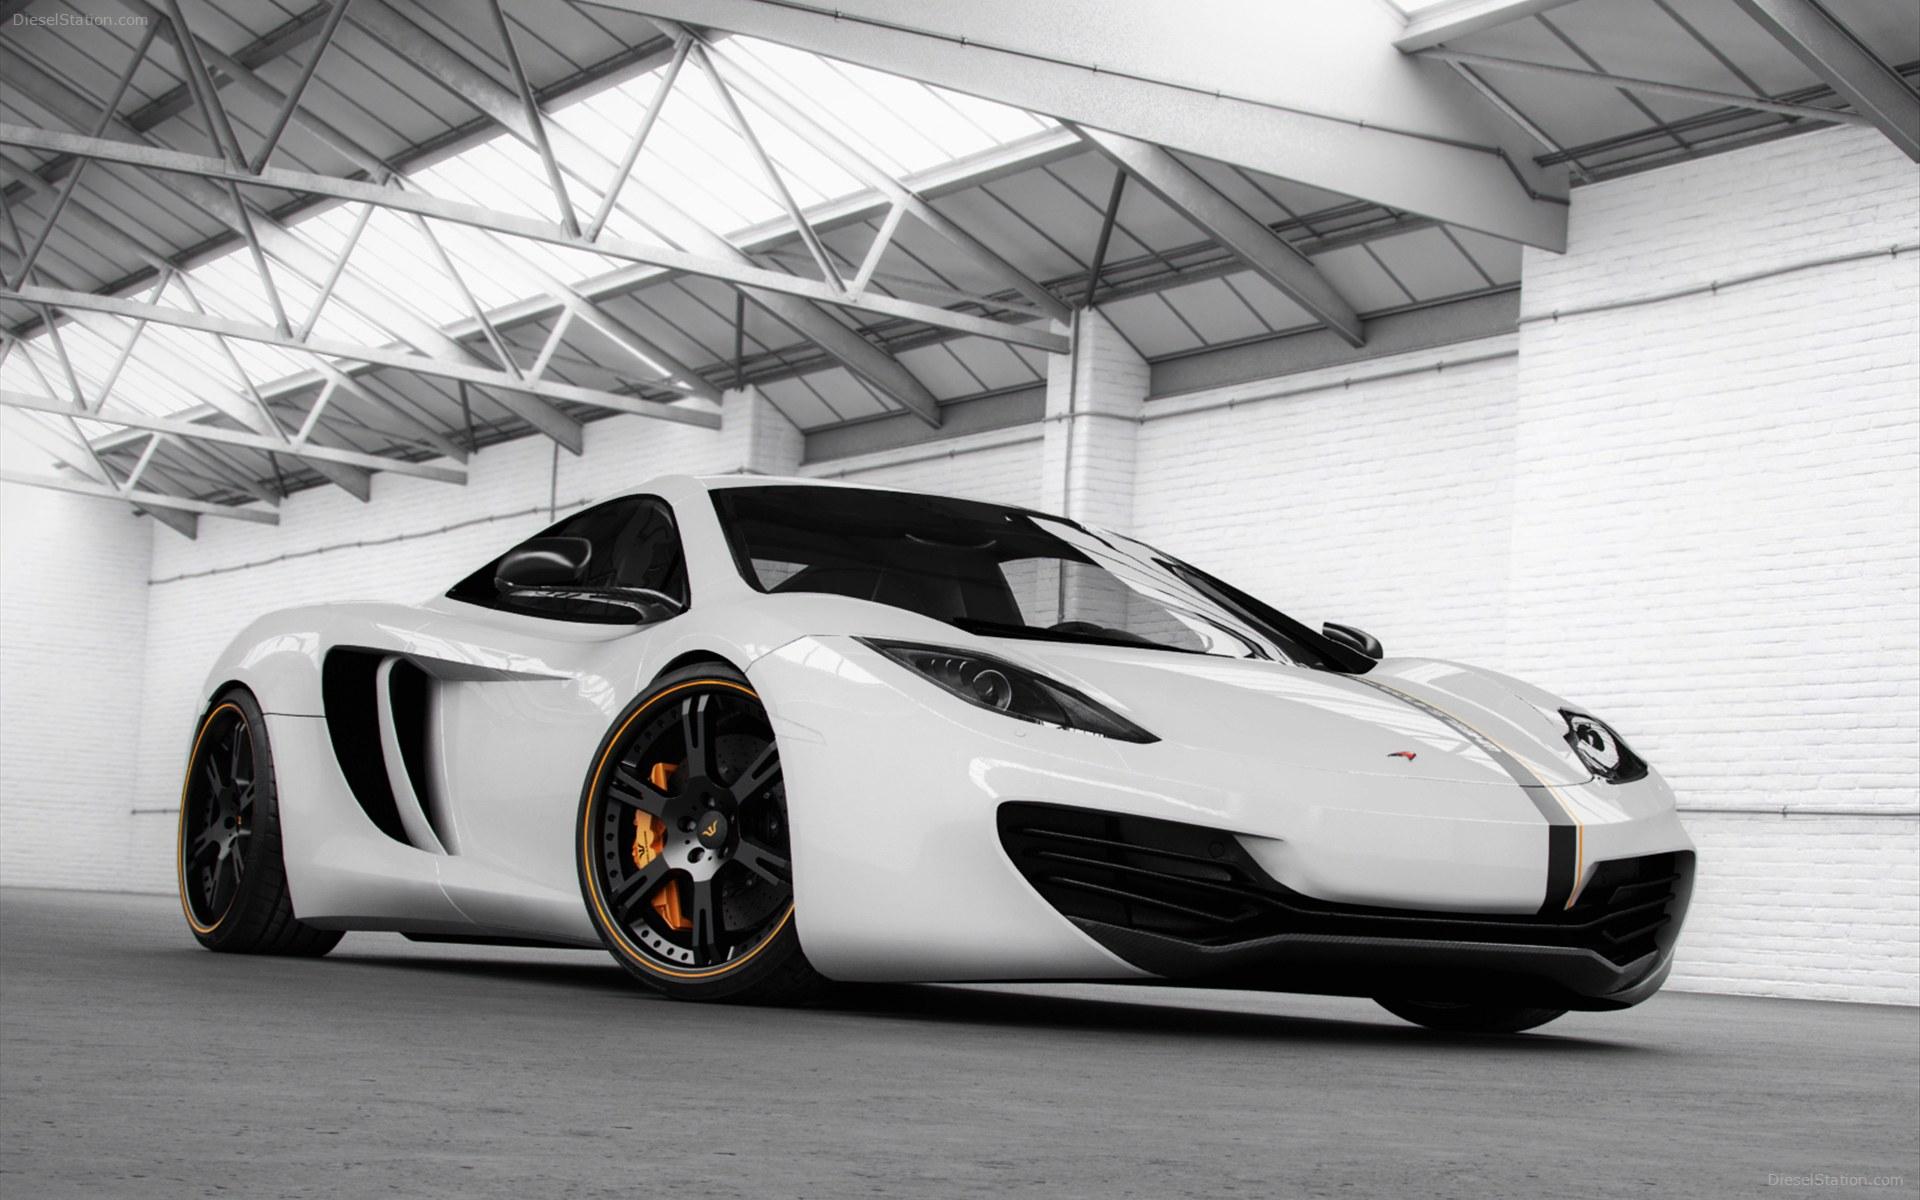 McLaren MP4 12C Performance Wallpapers Desktop Download